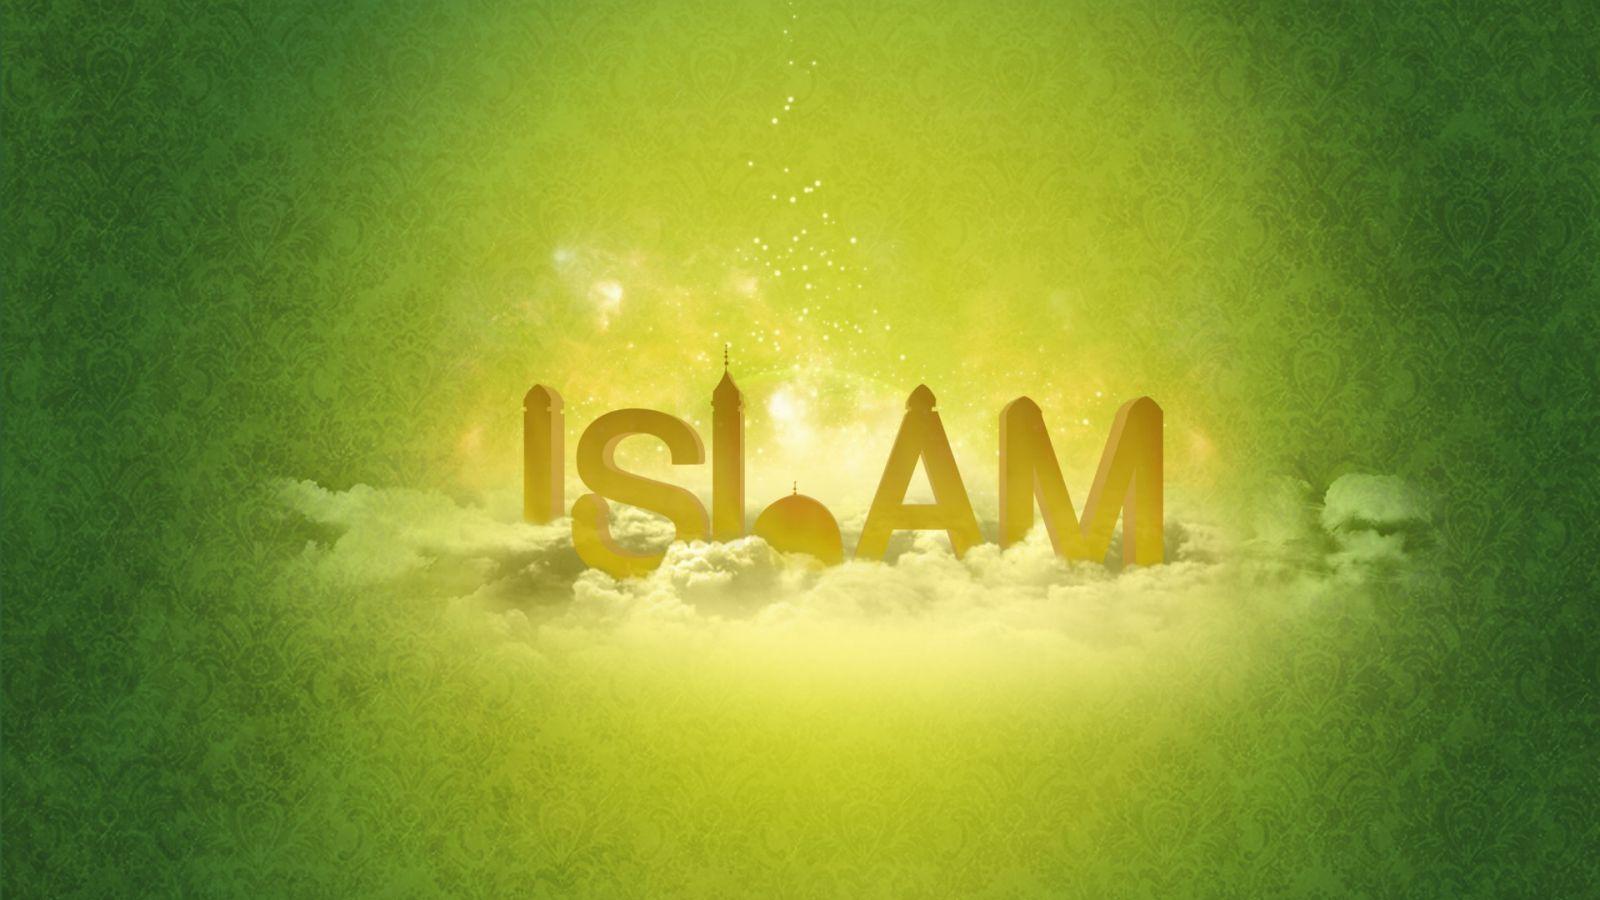 subhanallah-gambar-lafadz-Allah.jpg